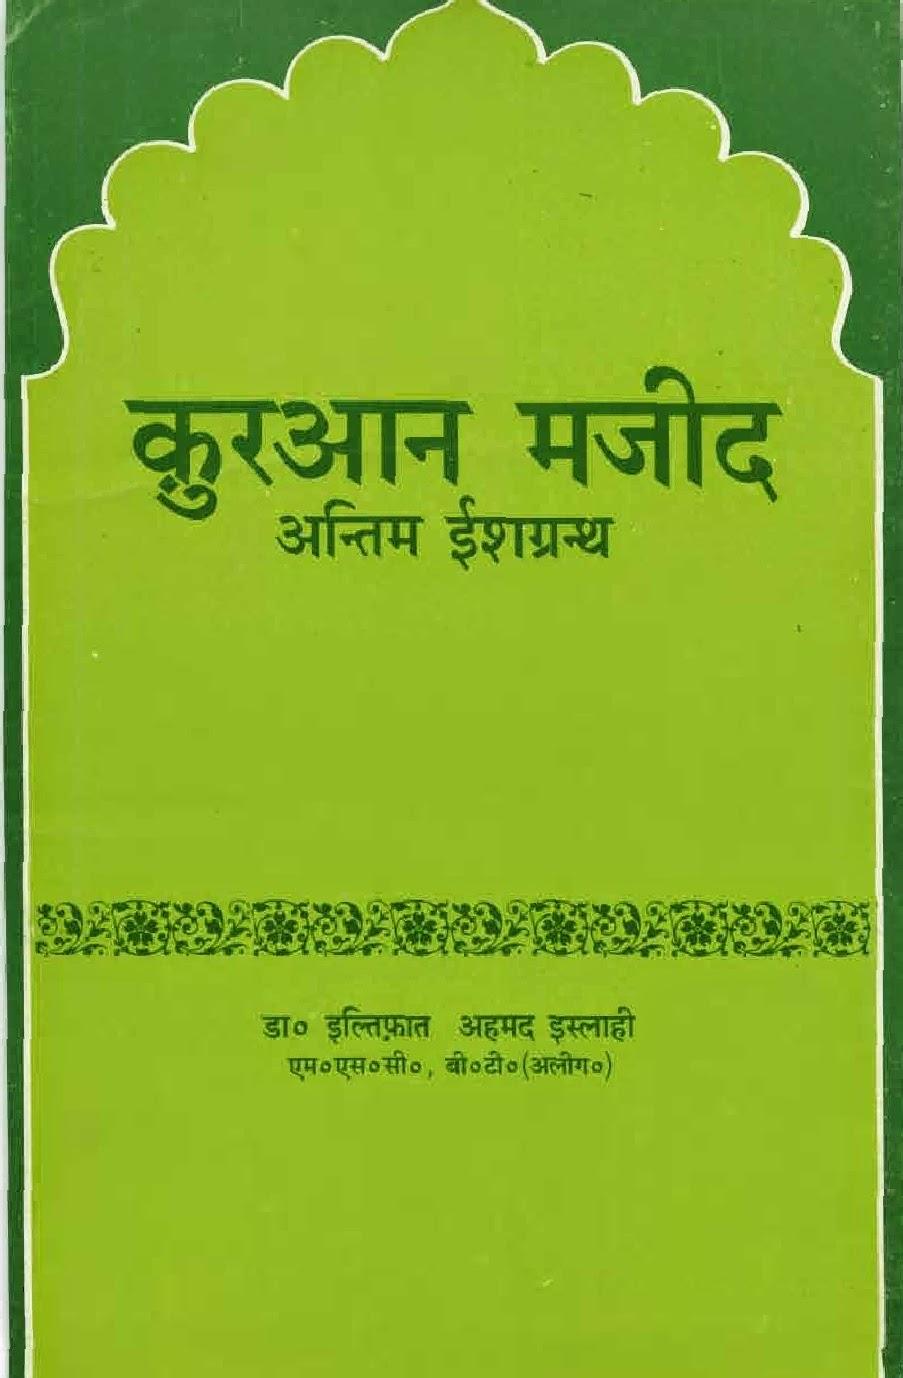 कुरआन मजीद:अंतिम ईशग्रंथ